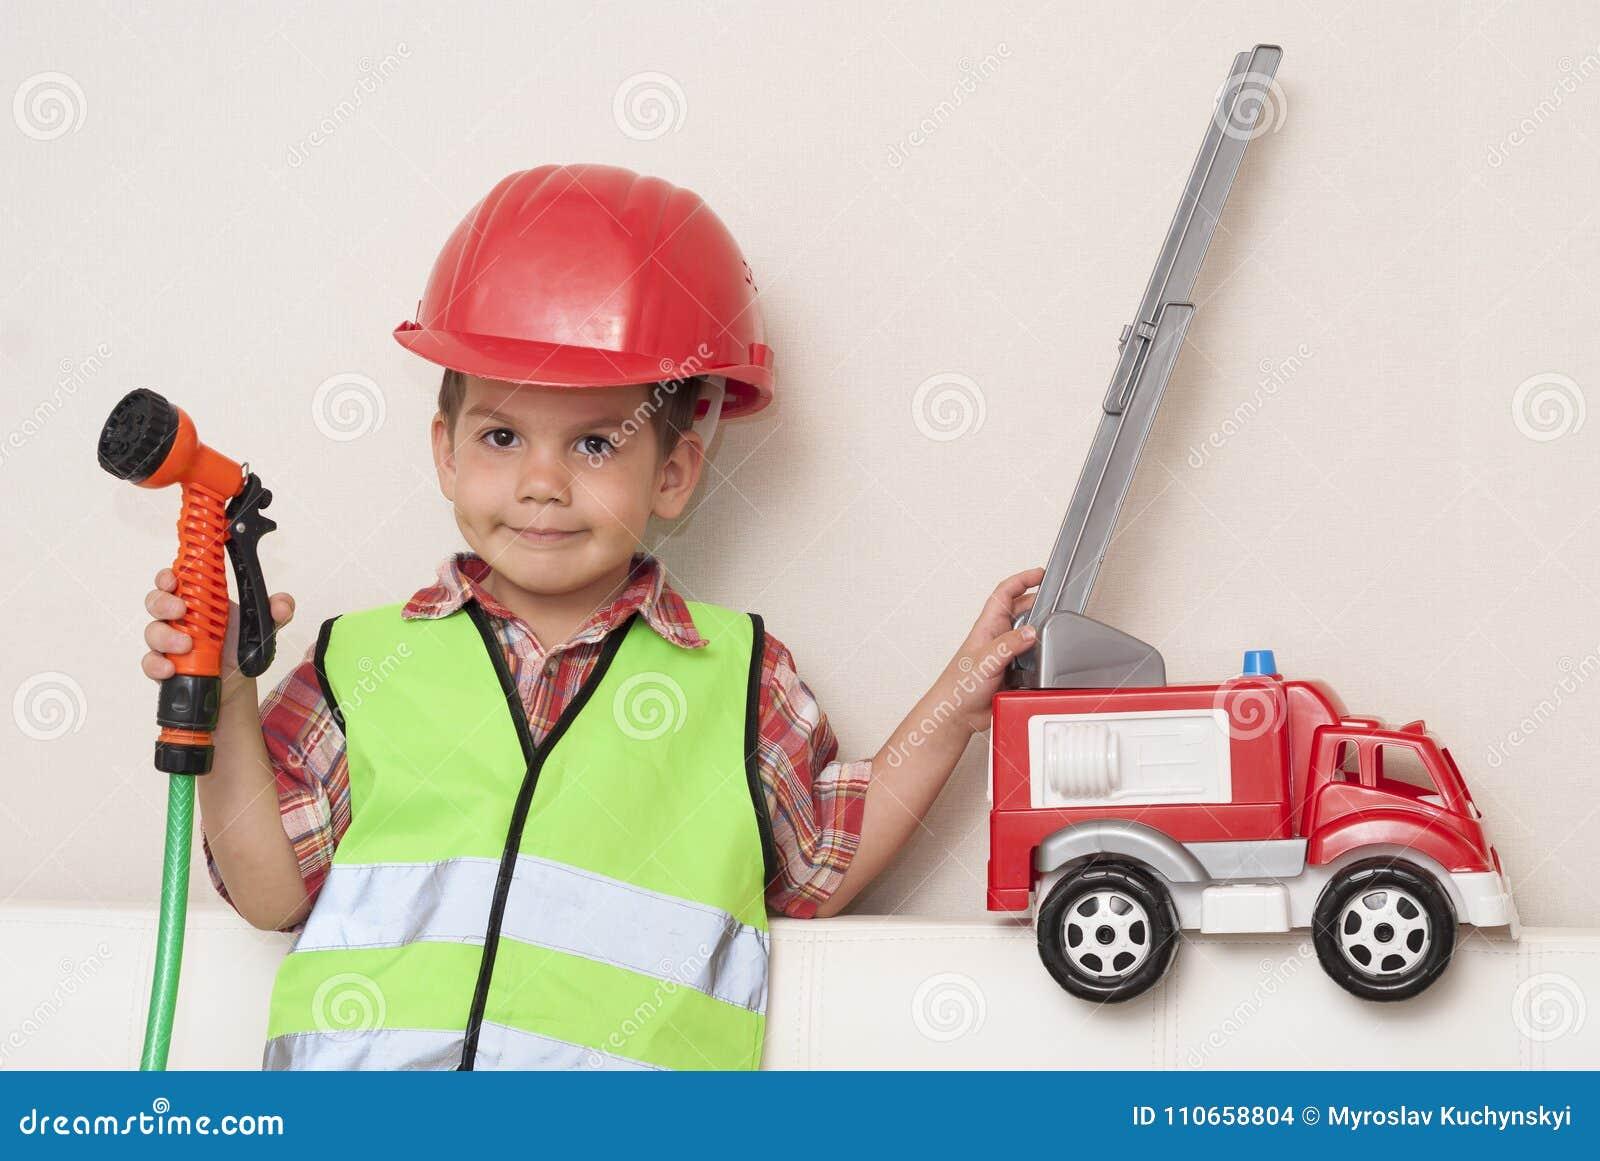 Bambino in un casco rosso e con un autopompa antincendio